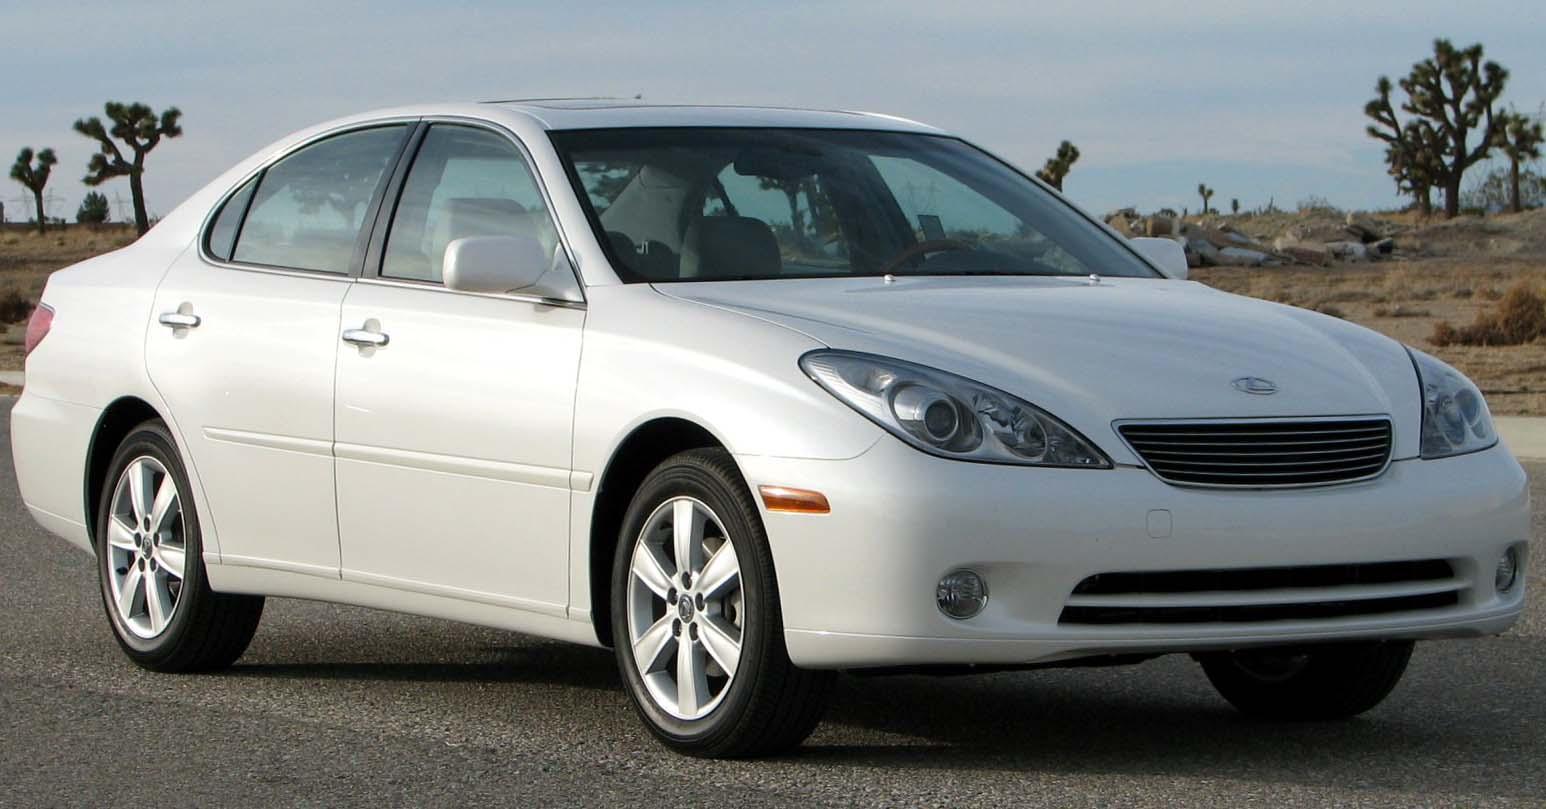 2006 Lexus ES 330 #16 Lexus ES 330 #16